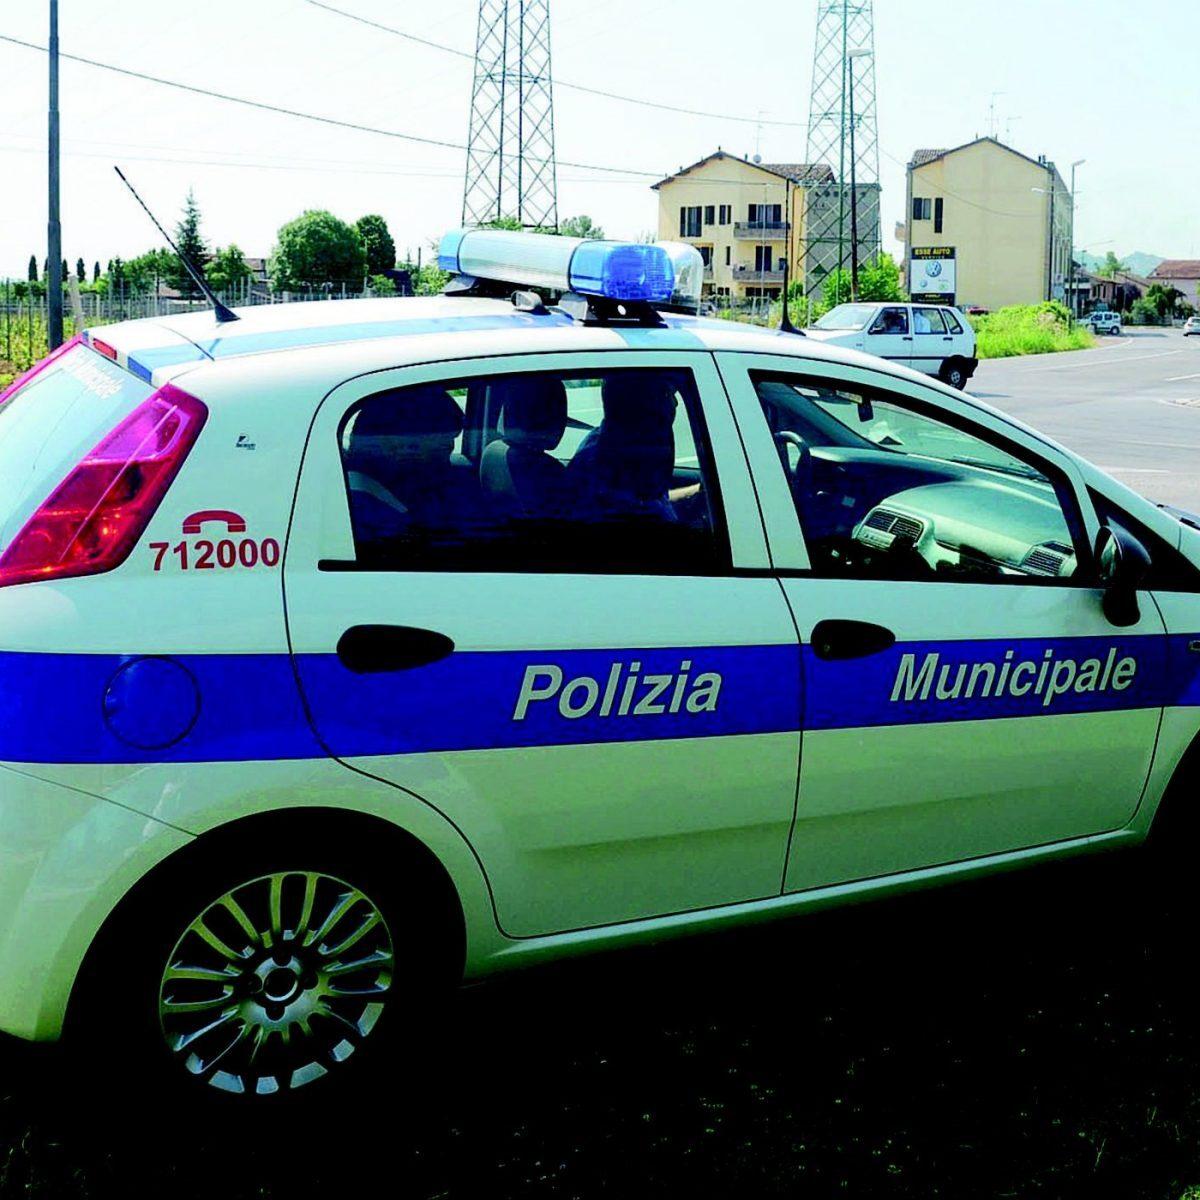 Scassinano un'auto a Savignano: sorpresi dalla polizia municipale